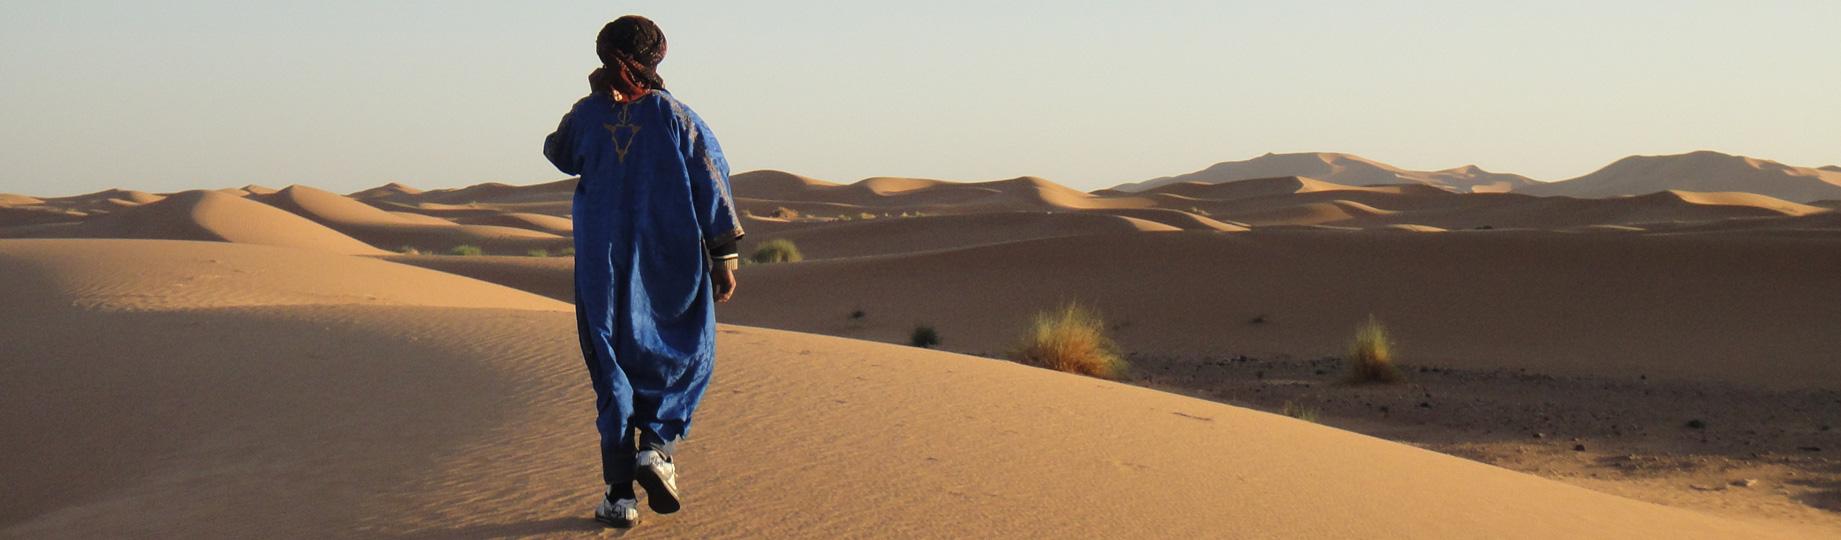 home-desert